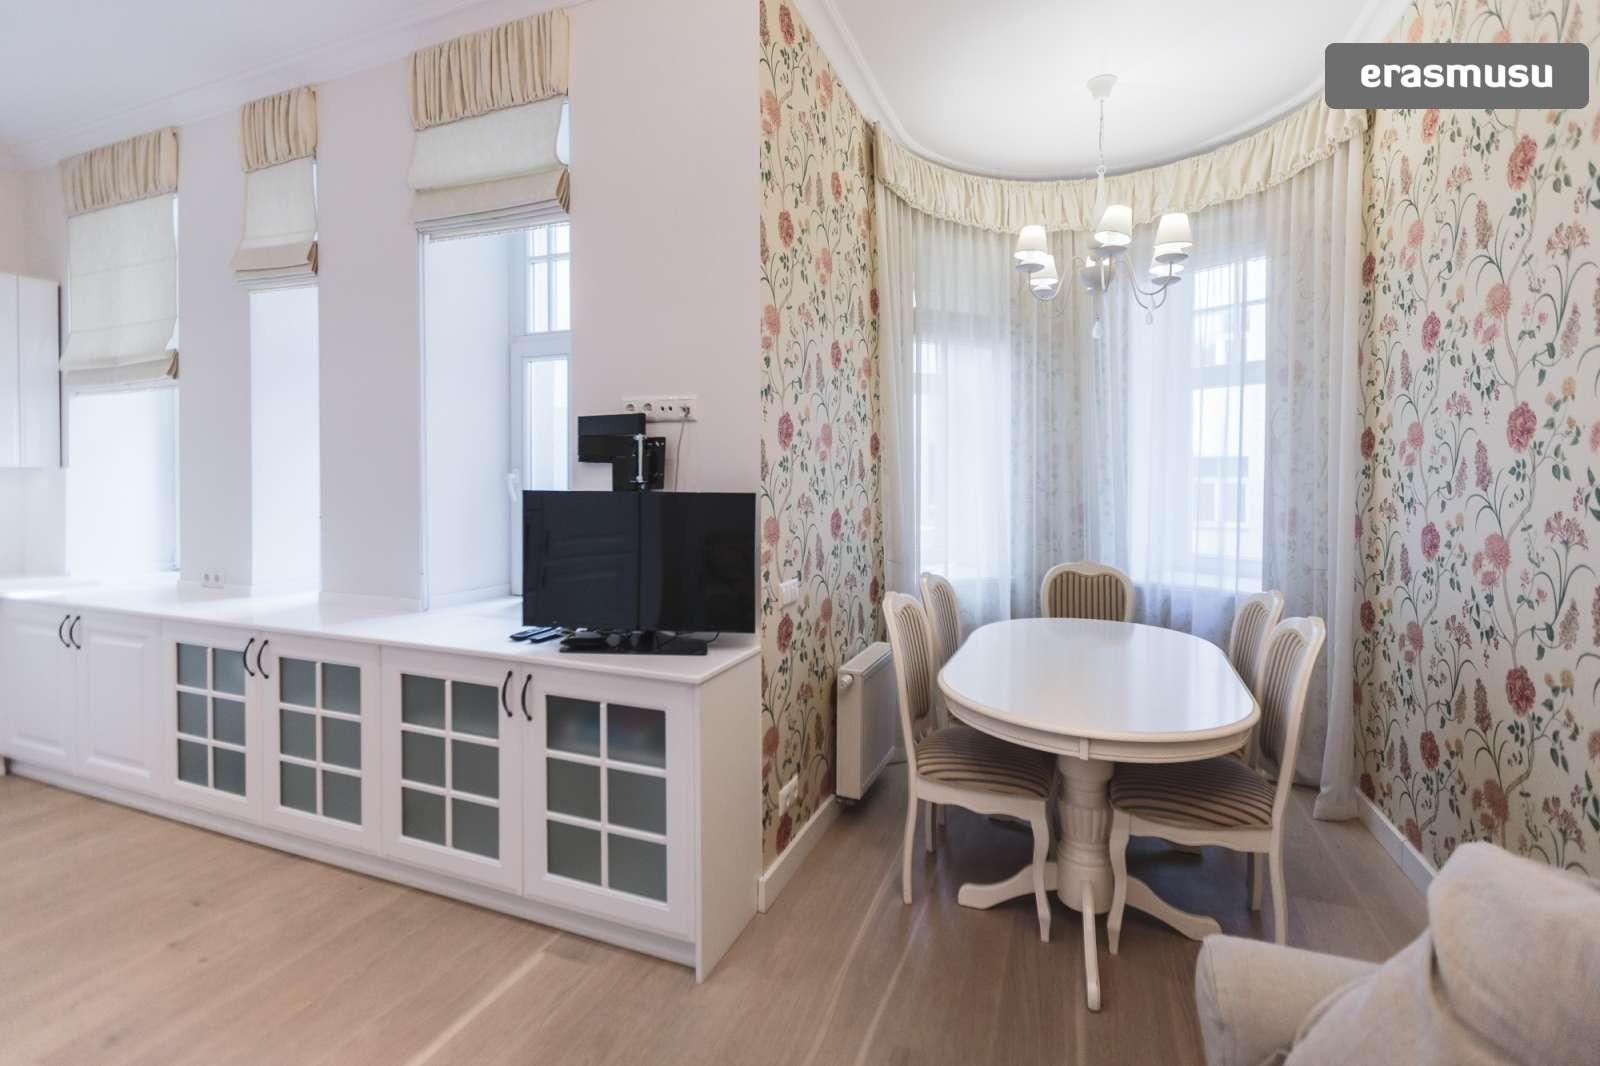 elegant-2-bedroom-partment-rent-centrs-fe903005c8f3e695466969540